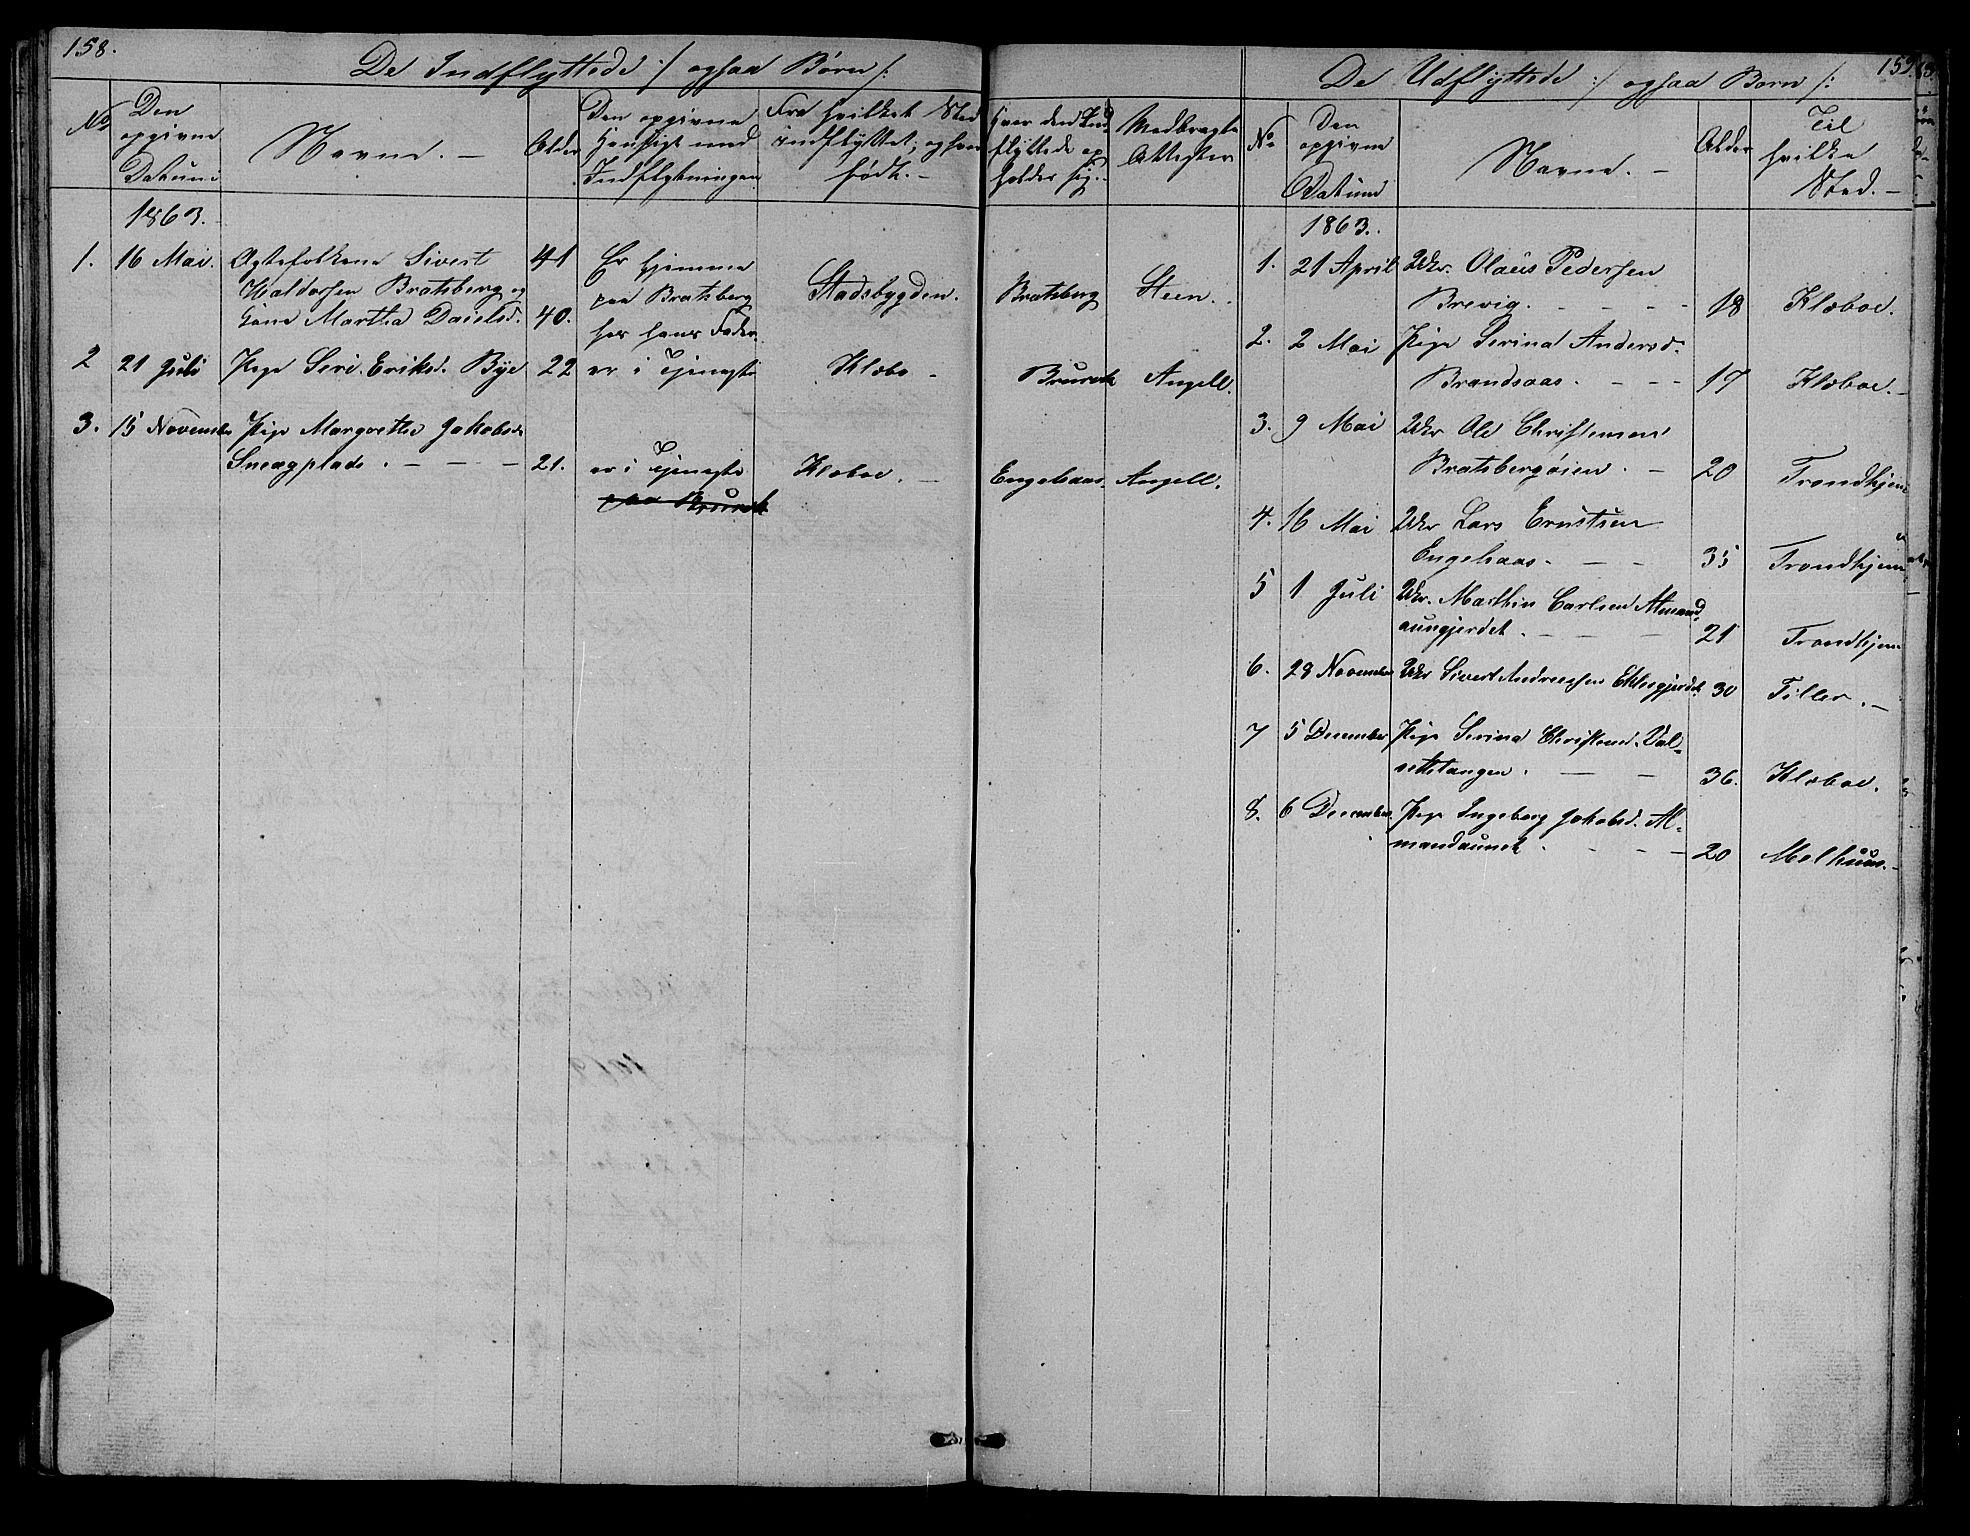 SAT, Ministerialprotokoller, klokkerbøker og fødselsregistre - Sør-Trøndelag, 608/L0339: Klokkerbok nr. 608C05, 1844-1863, s. 158-159